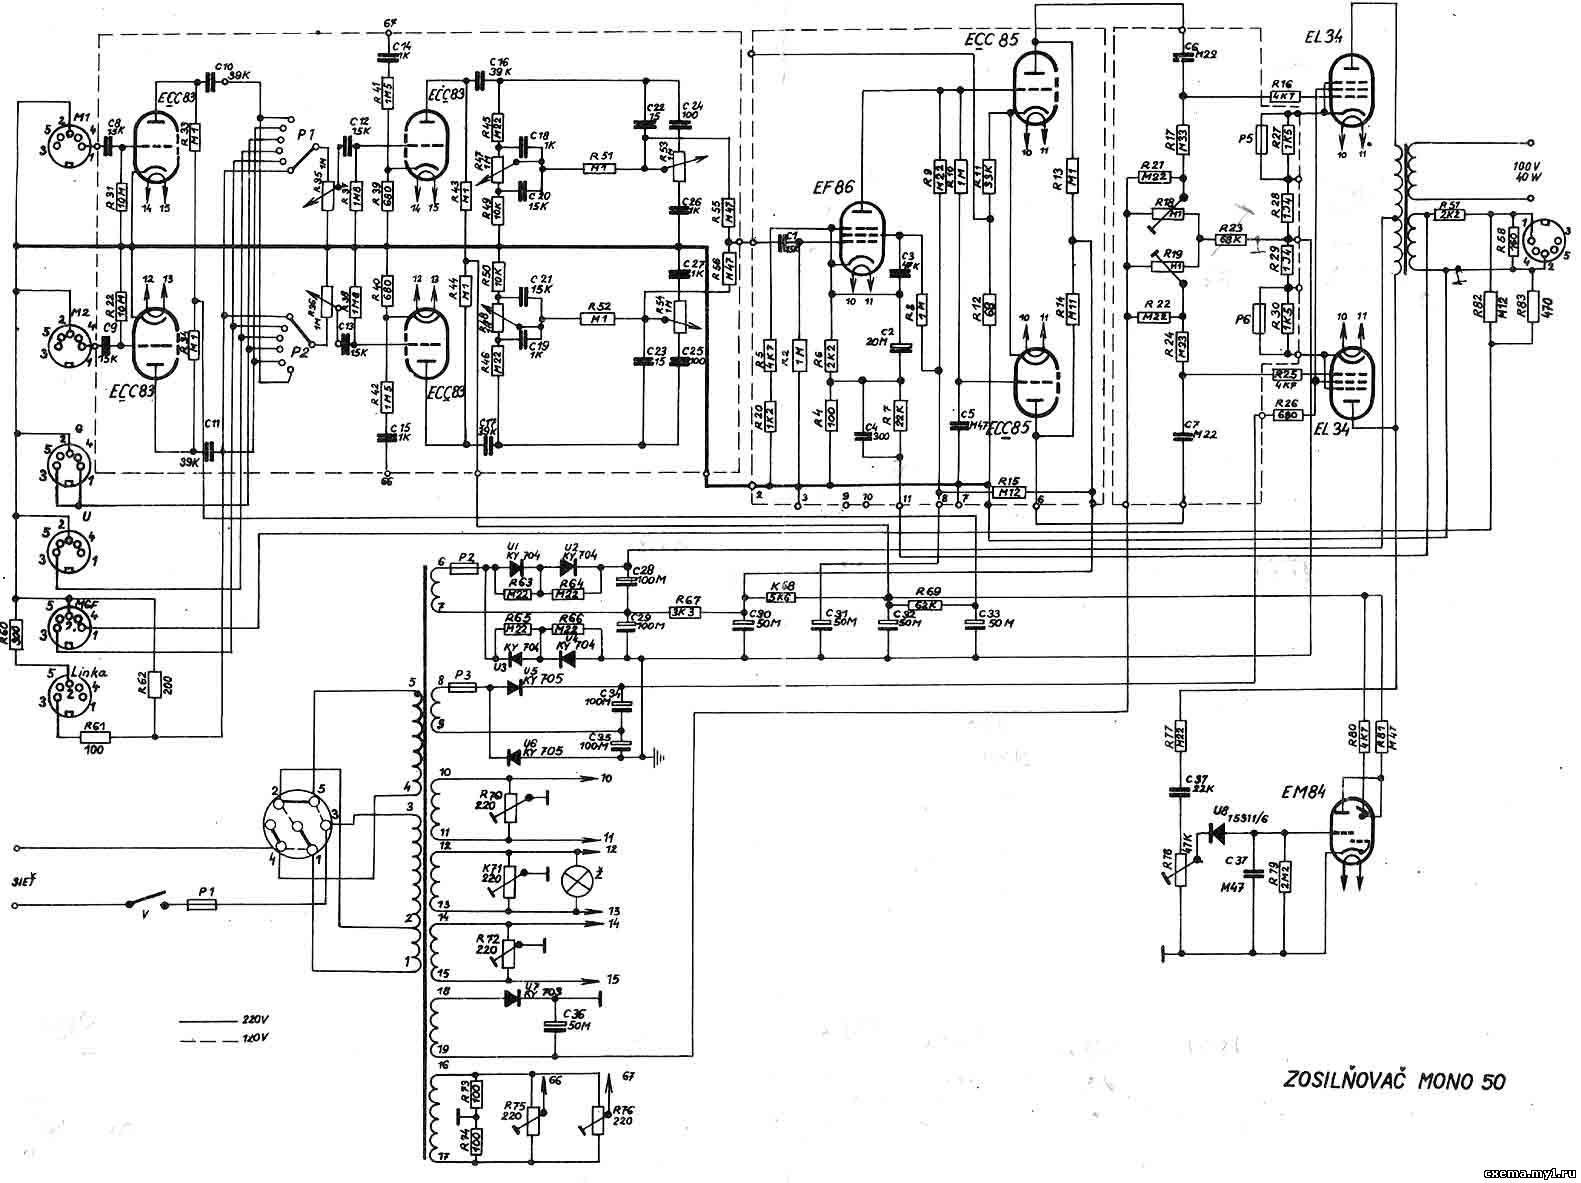 ламповый усилитель мощности Beag (Биг), EL34, формат jpg, схема.